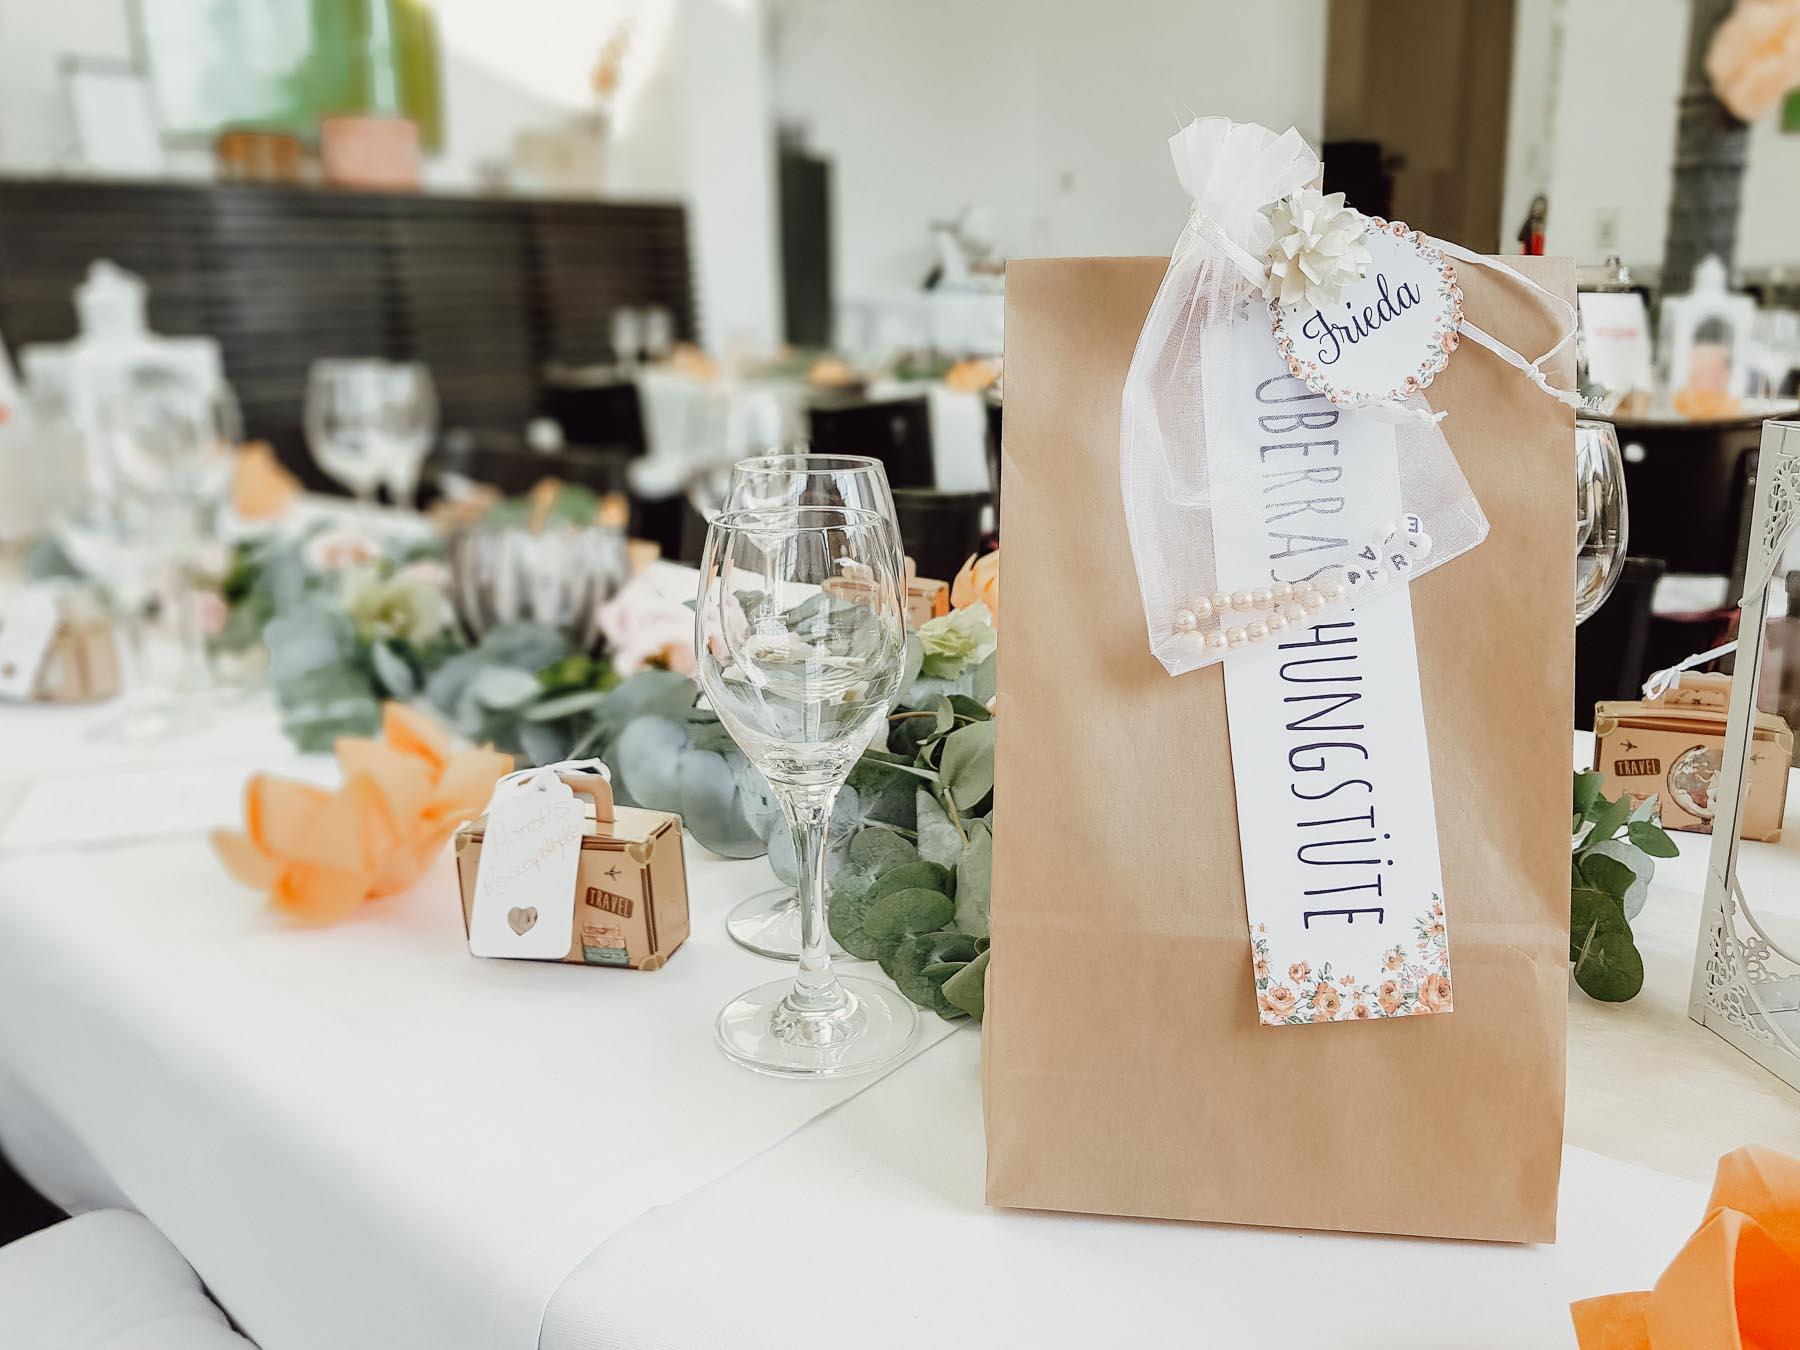 Uberraschungstute Wundertute Fur Kinder Bei Der Hochzeit Basteln